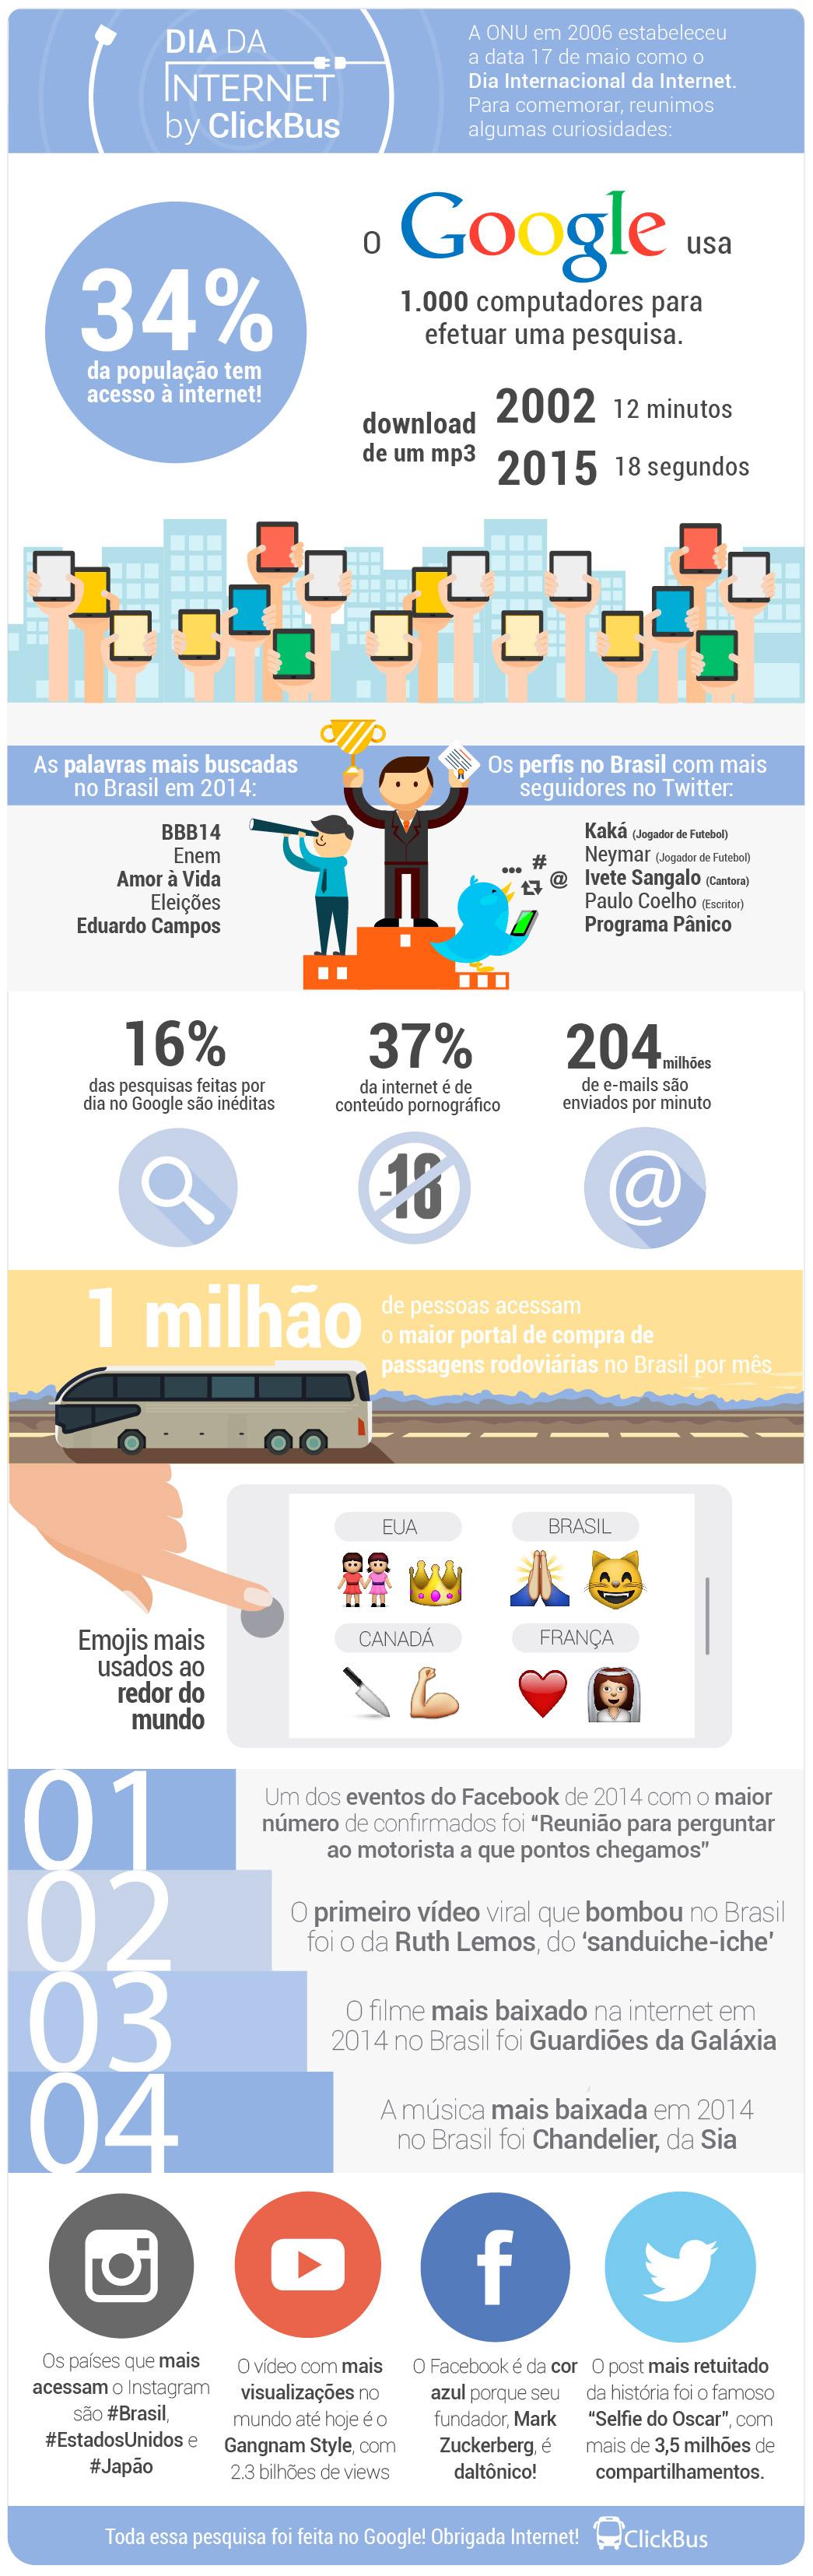 Dia da Internet - Infográfico   Clickbus